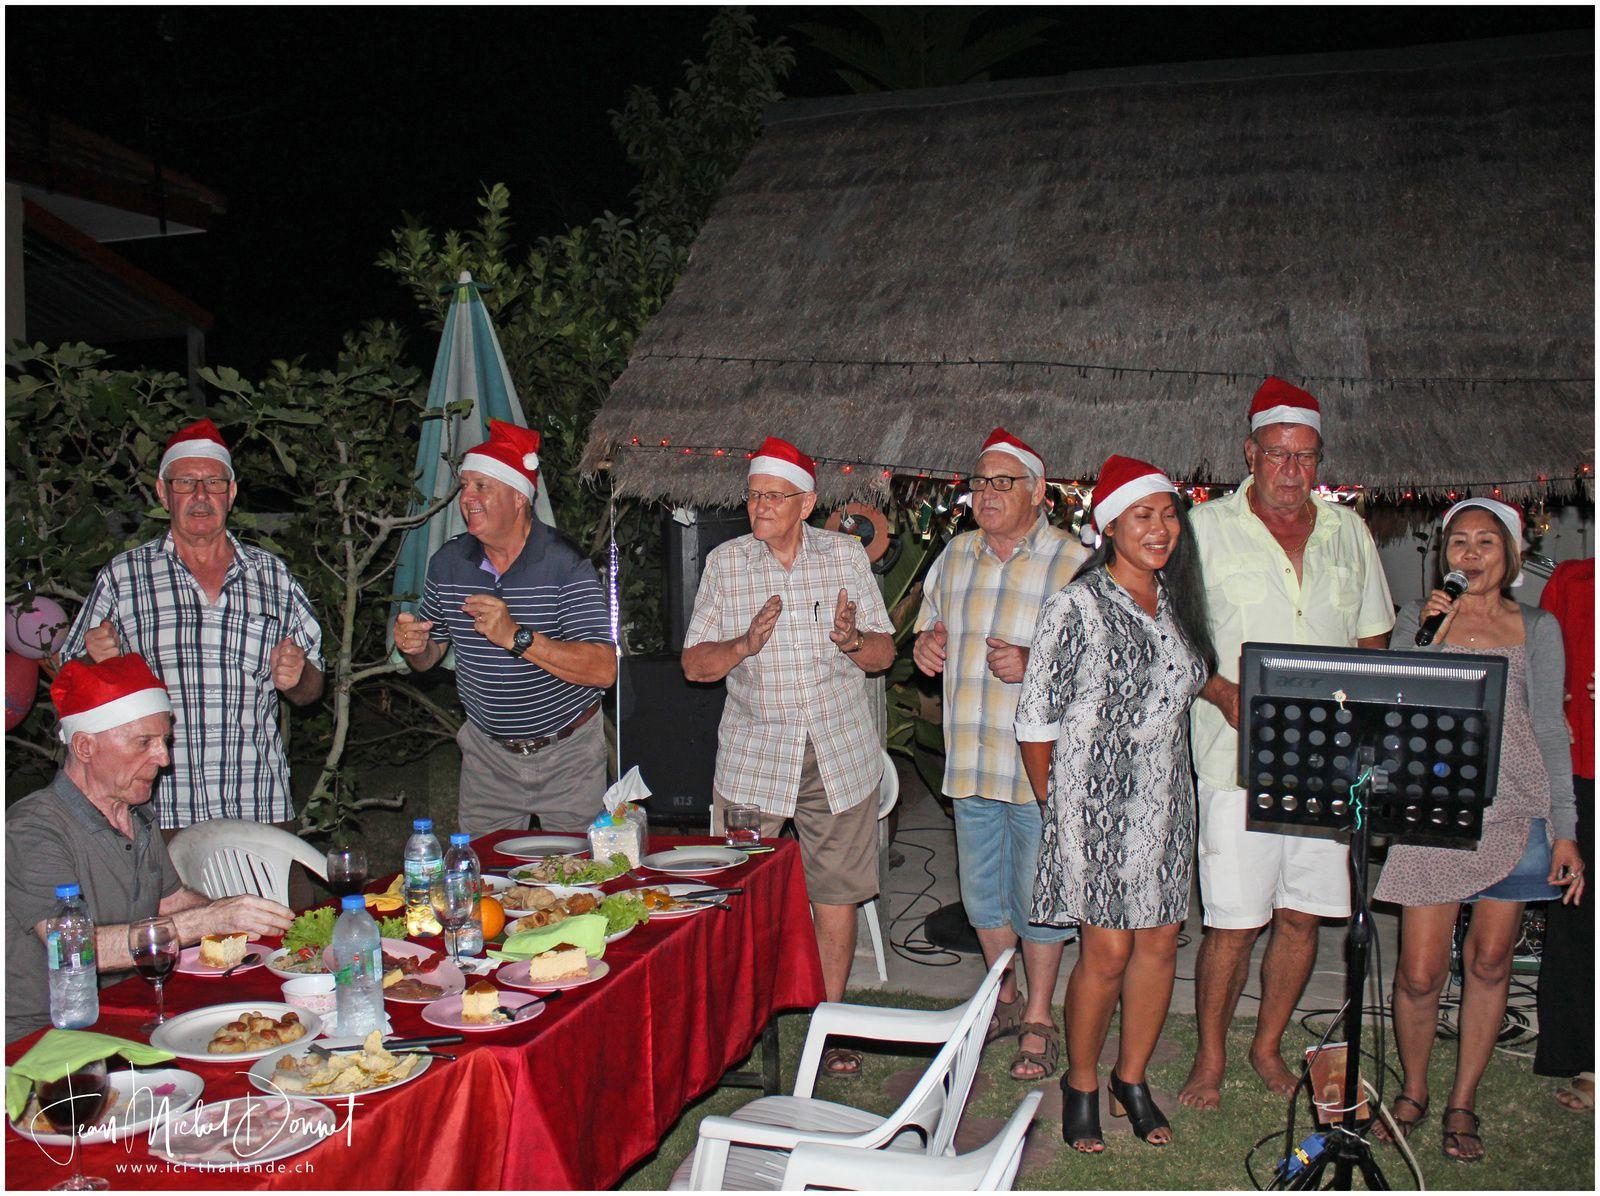 La soirée organisée pour Noël (Thaïlande)